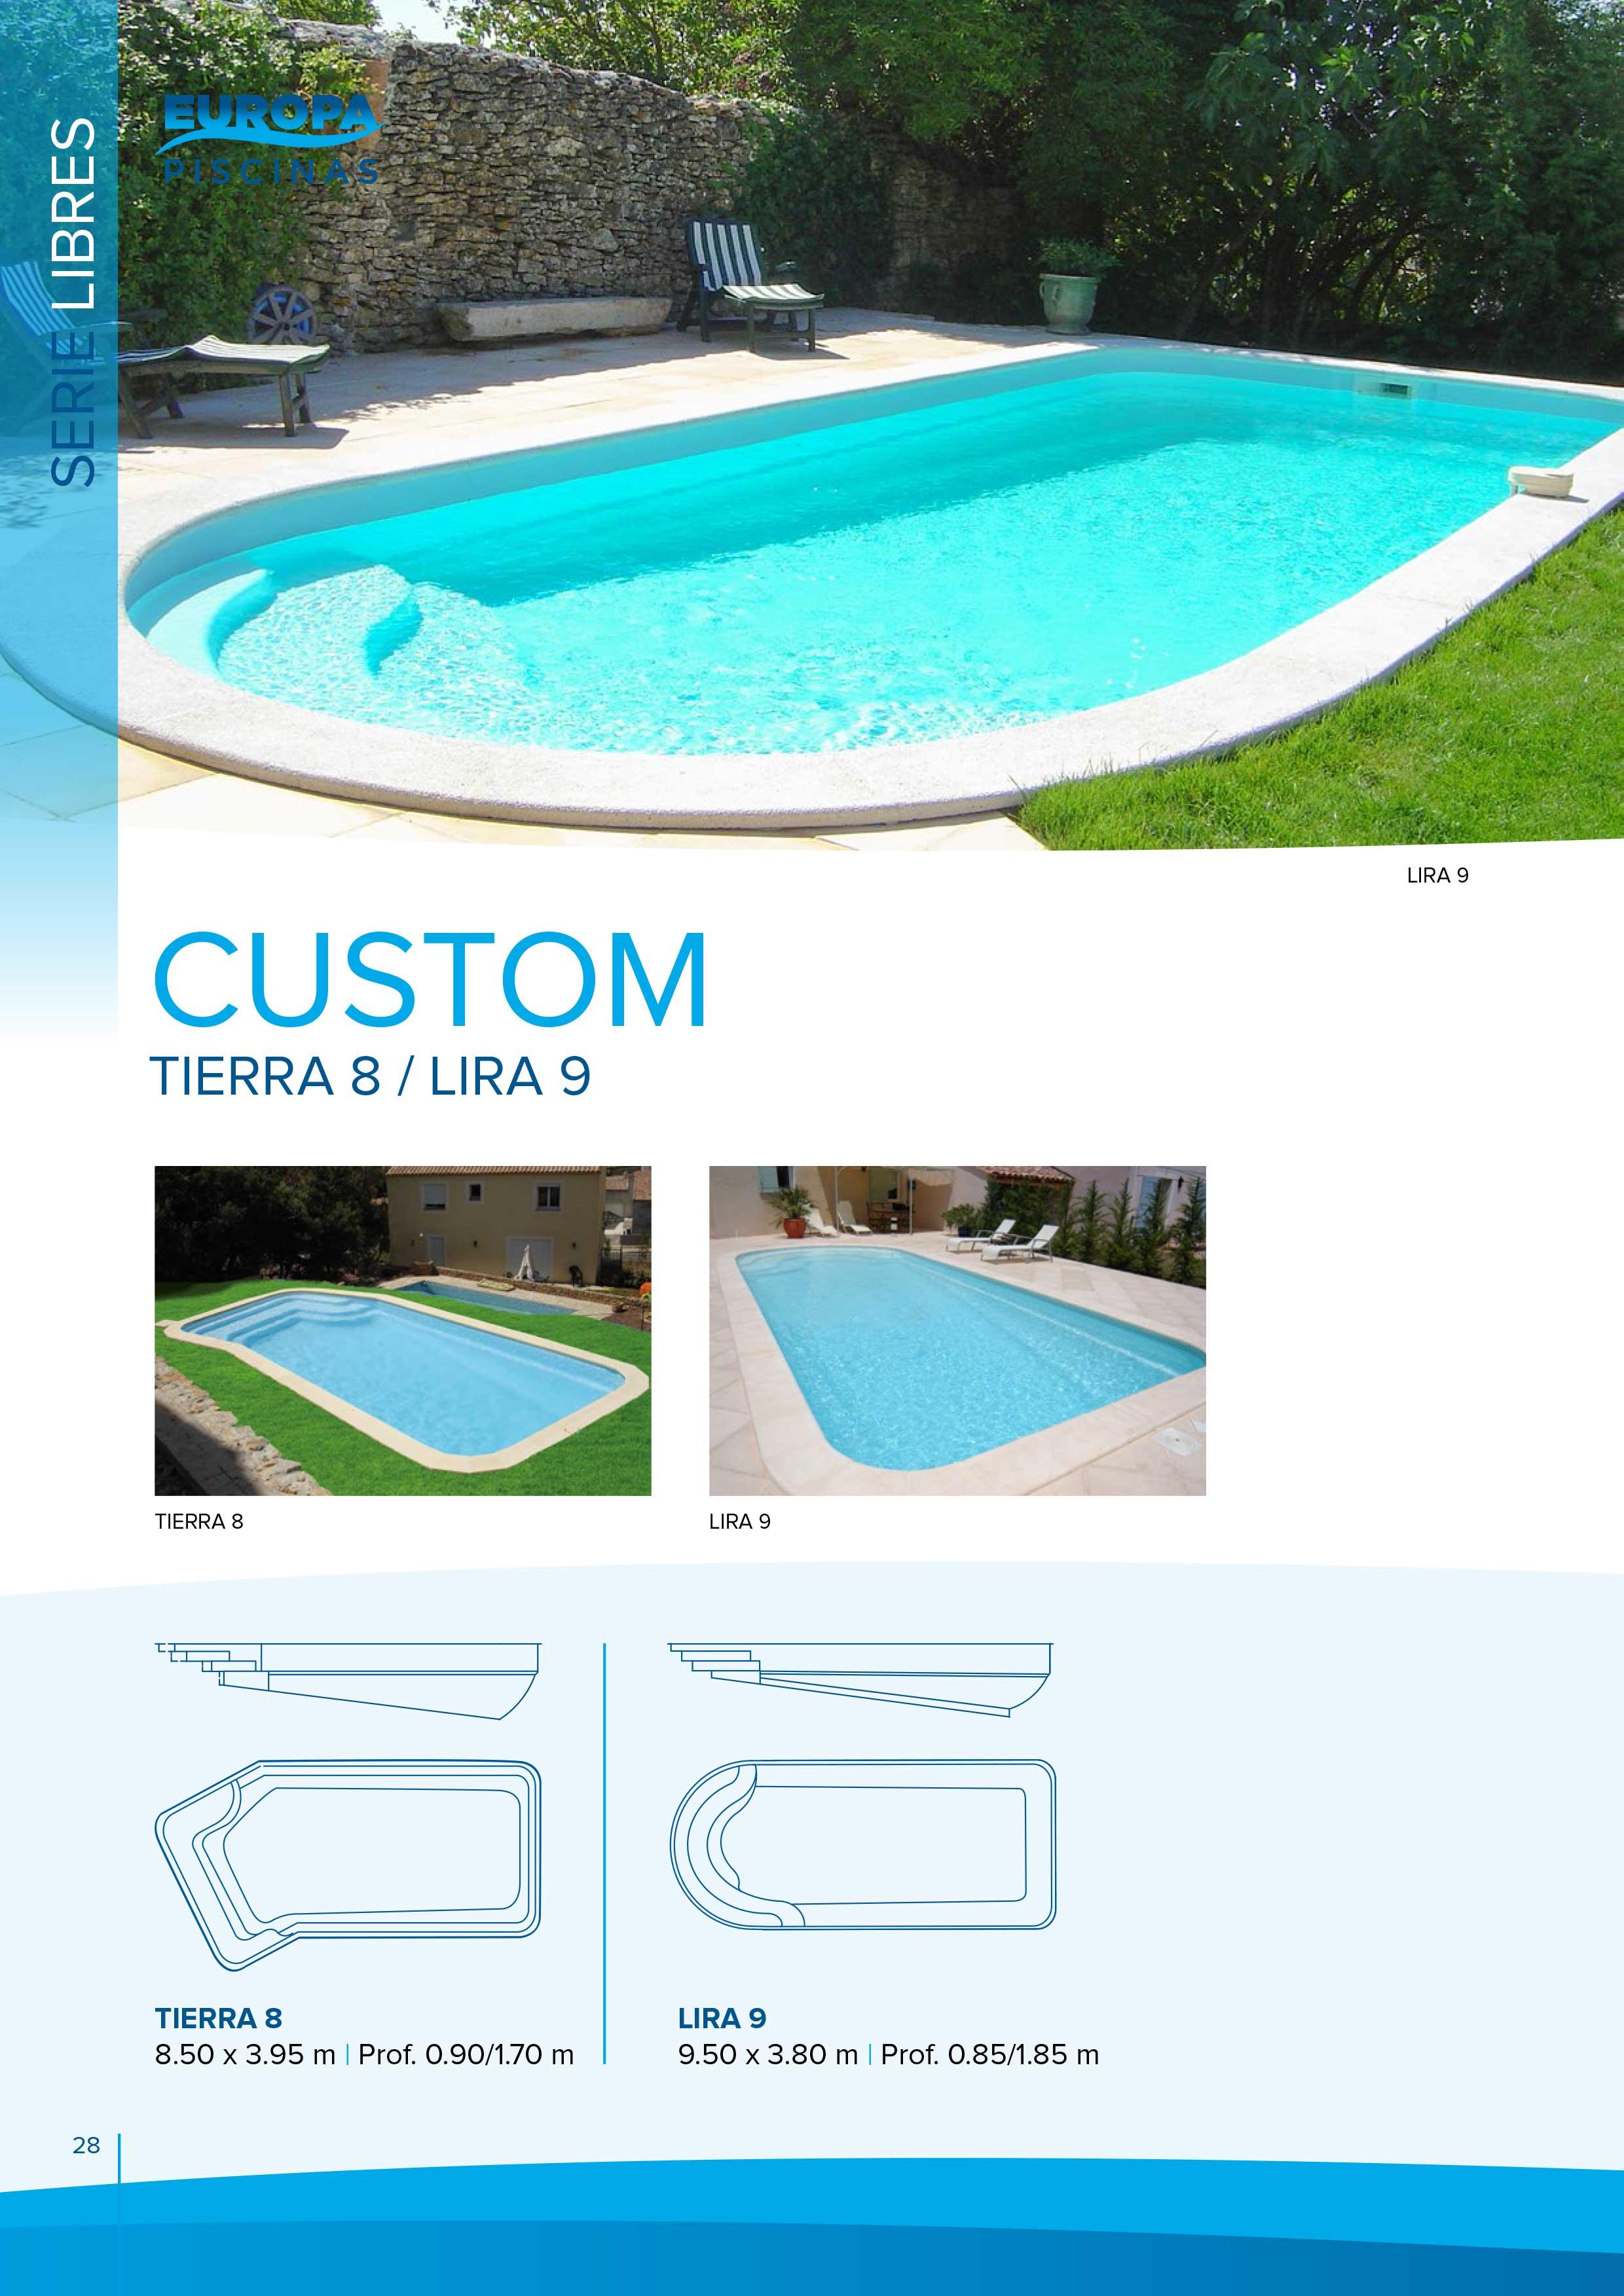 Custom piscinas mallorca europa piscinas palma - Piscinas prefabricadas mallorca ...